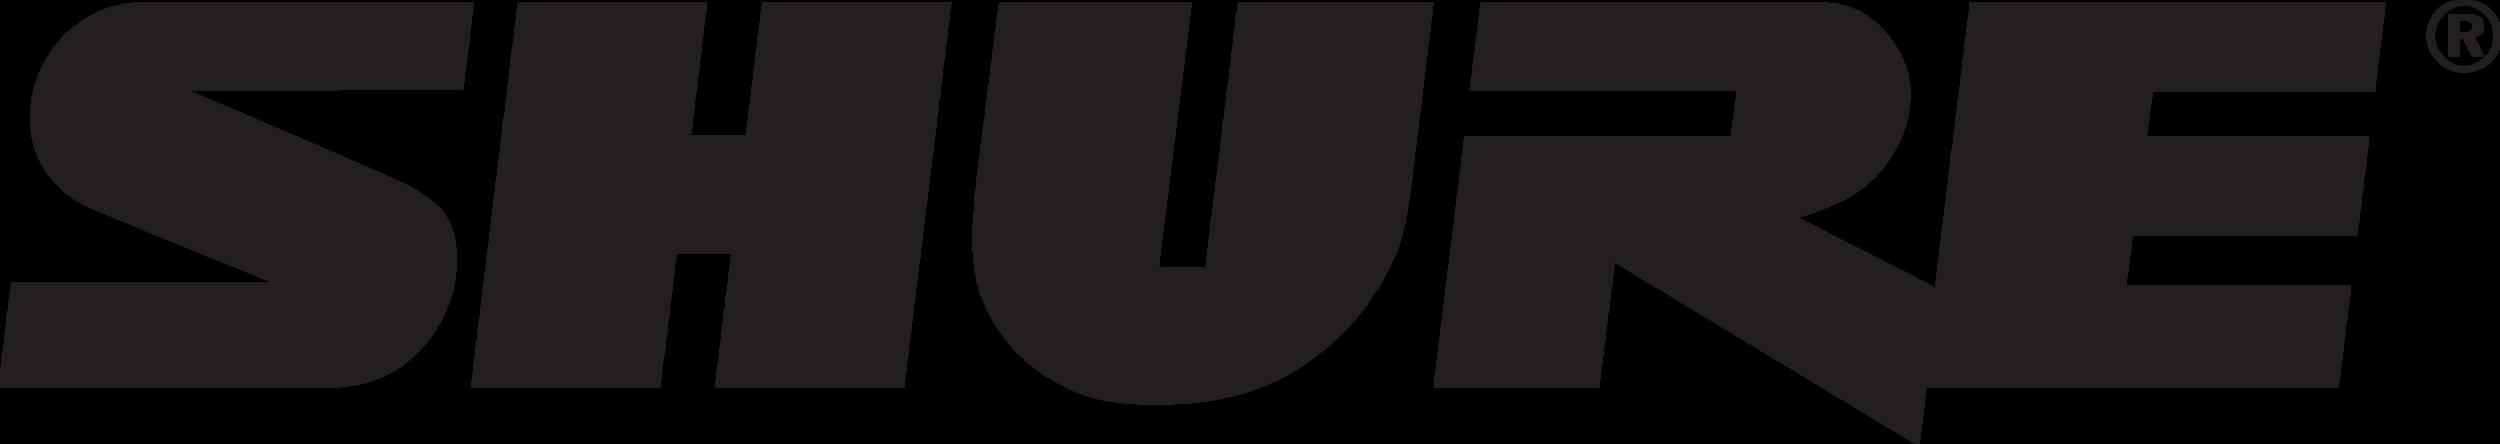 Shure sponsoring Austin Music Video Fest